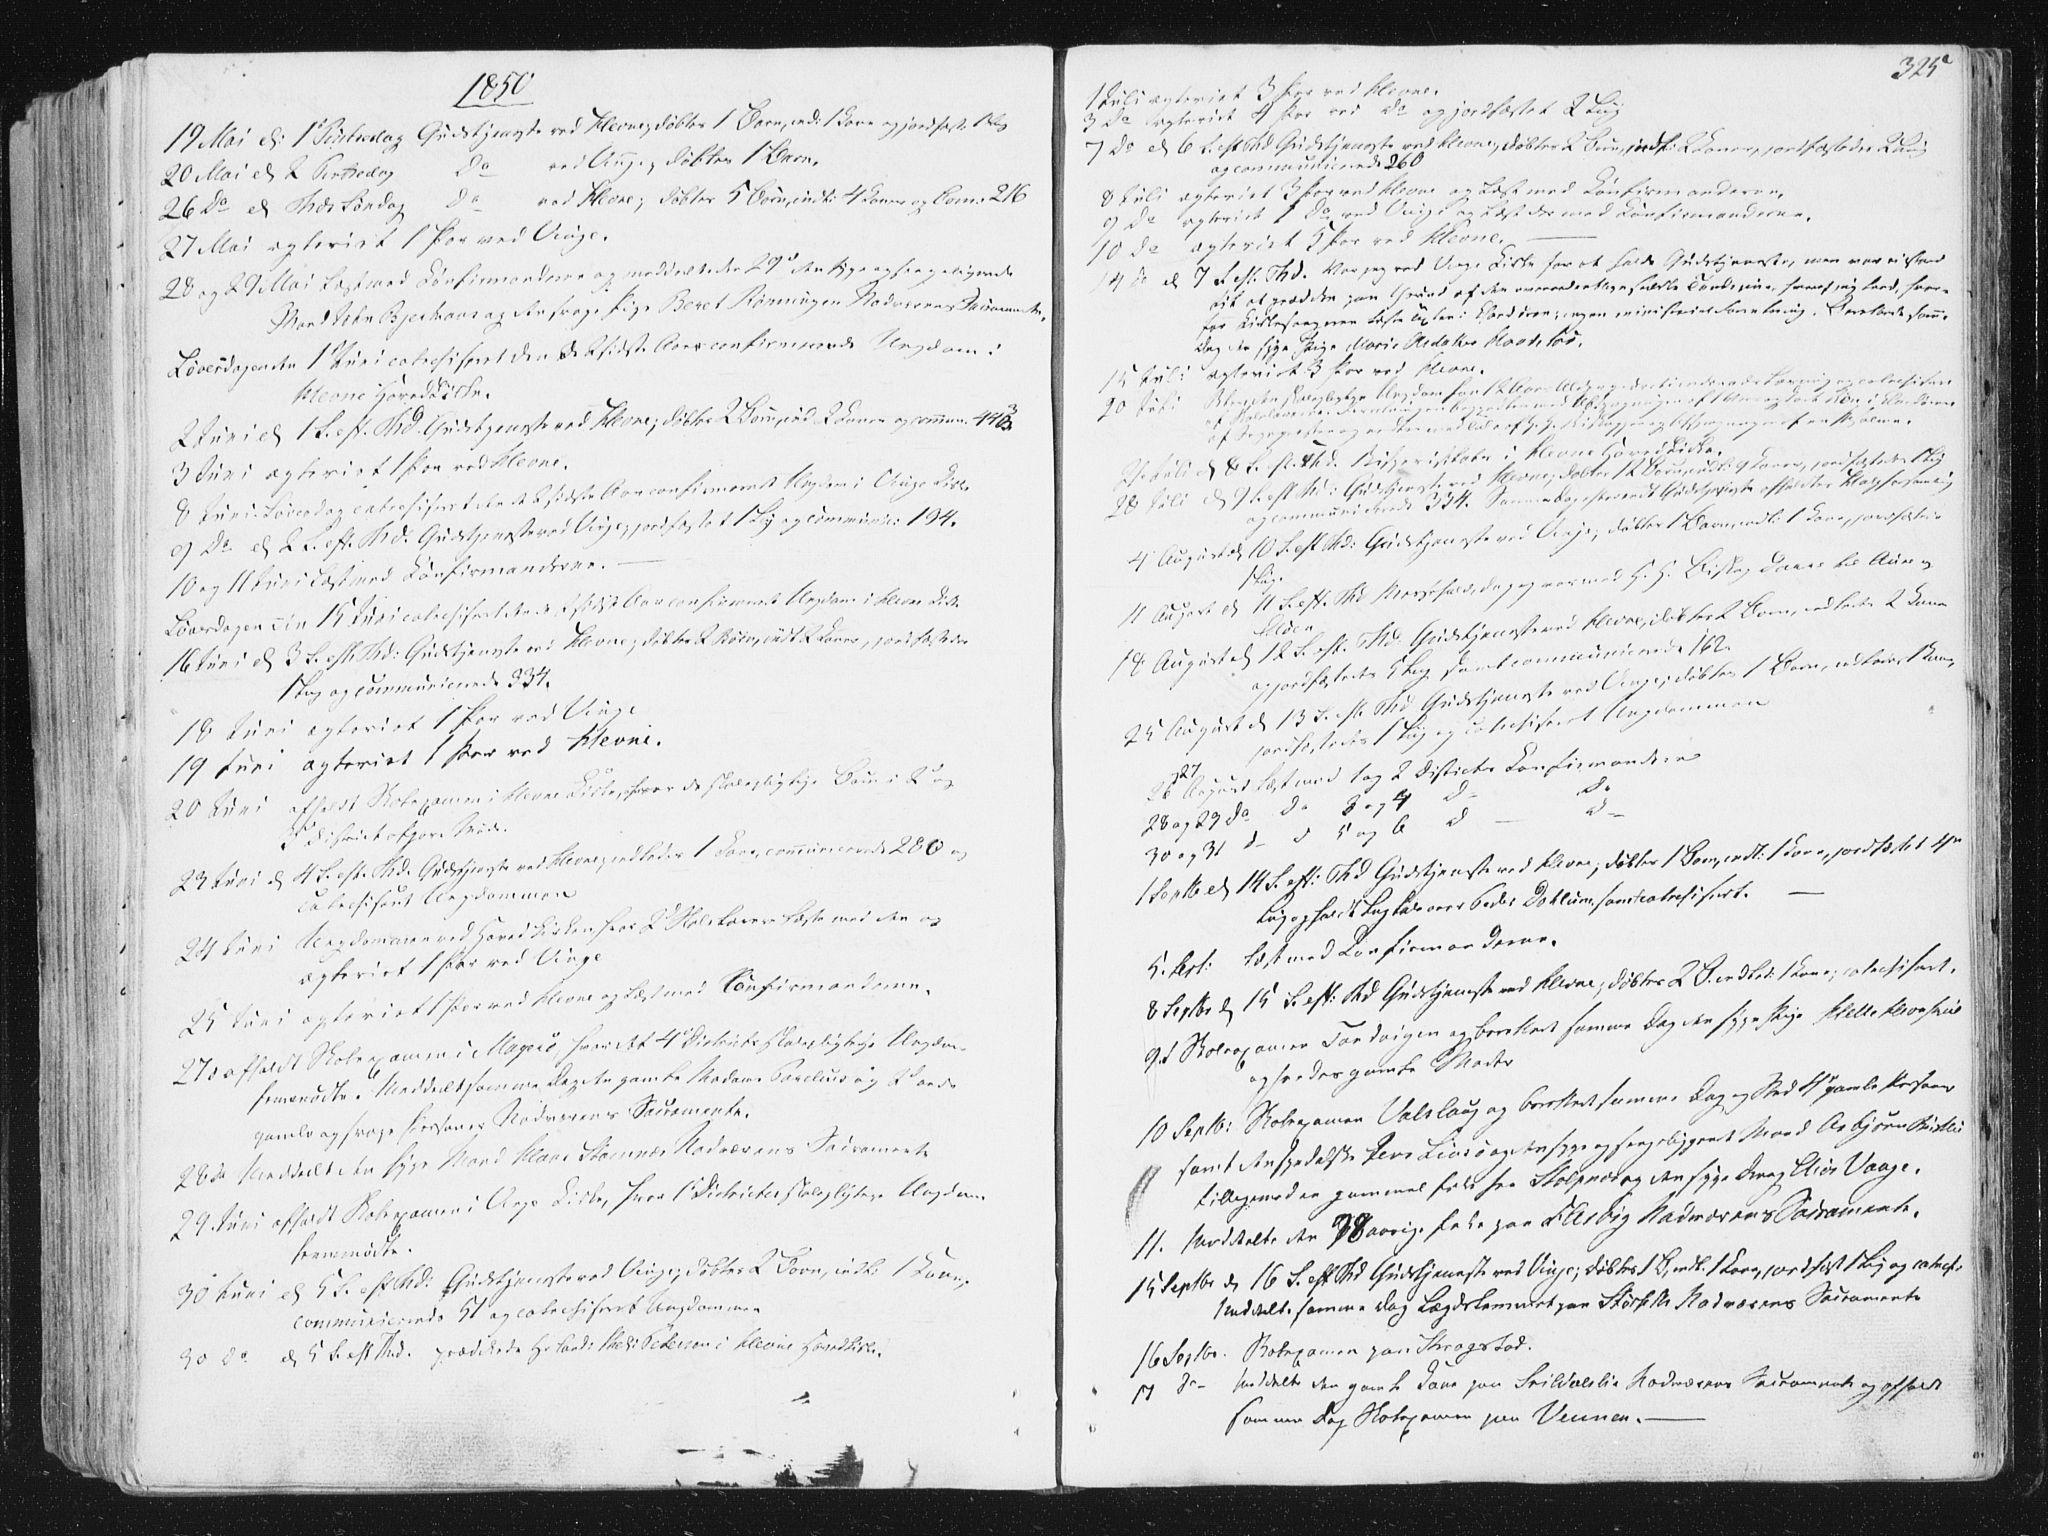 SAT, Ministerialprotokoller, klokkerbøker og fødselsregistre - Sør-Trøndelag, 630/L0493: Ministerialbok nr. 630A06, 1841-1851, s. 325